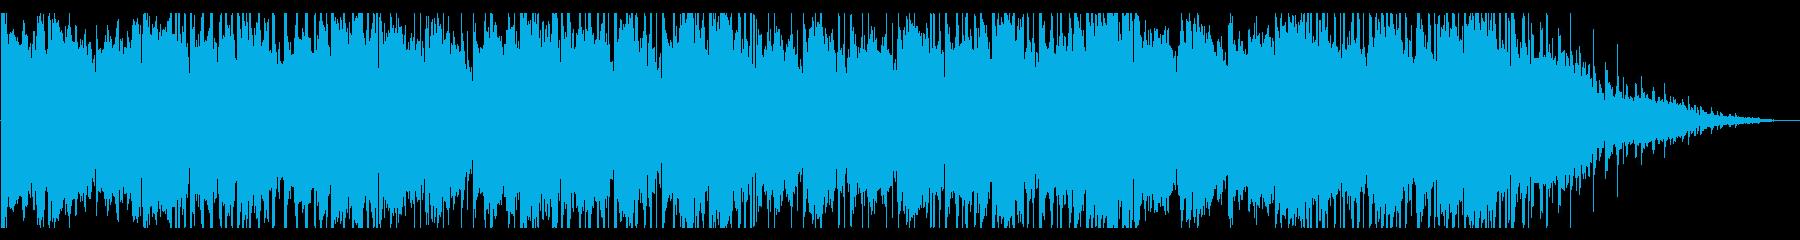 幻想的で寂しげなHIPHOPの再生済みの波形